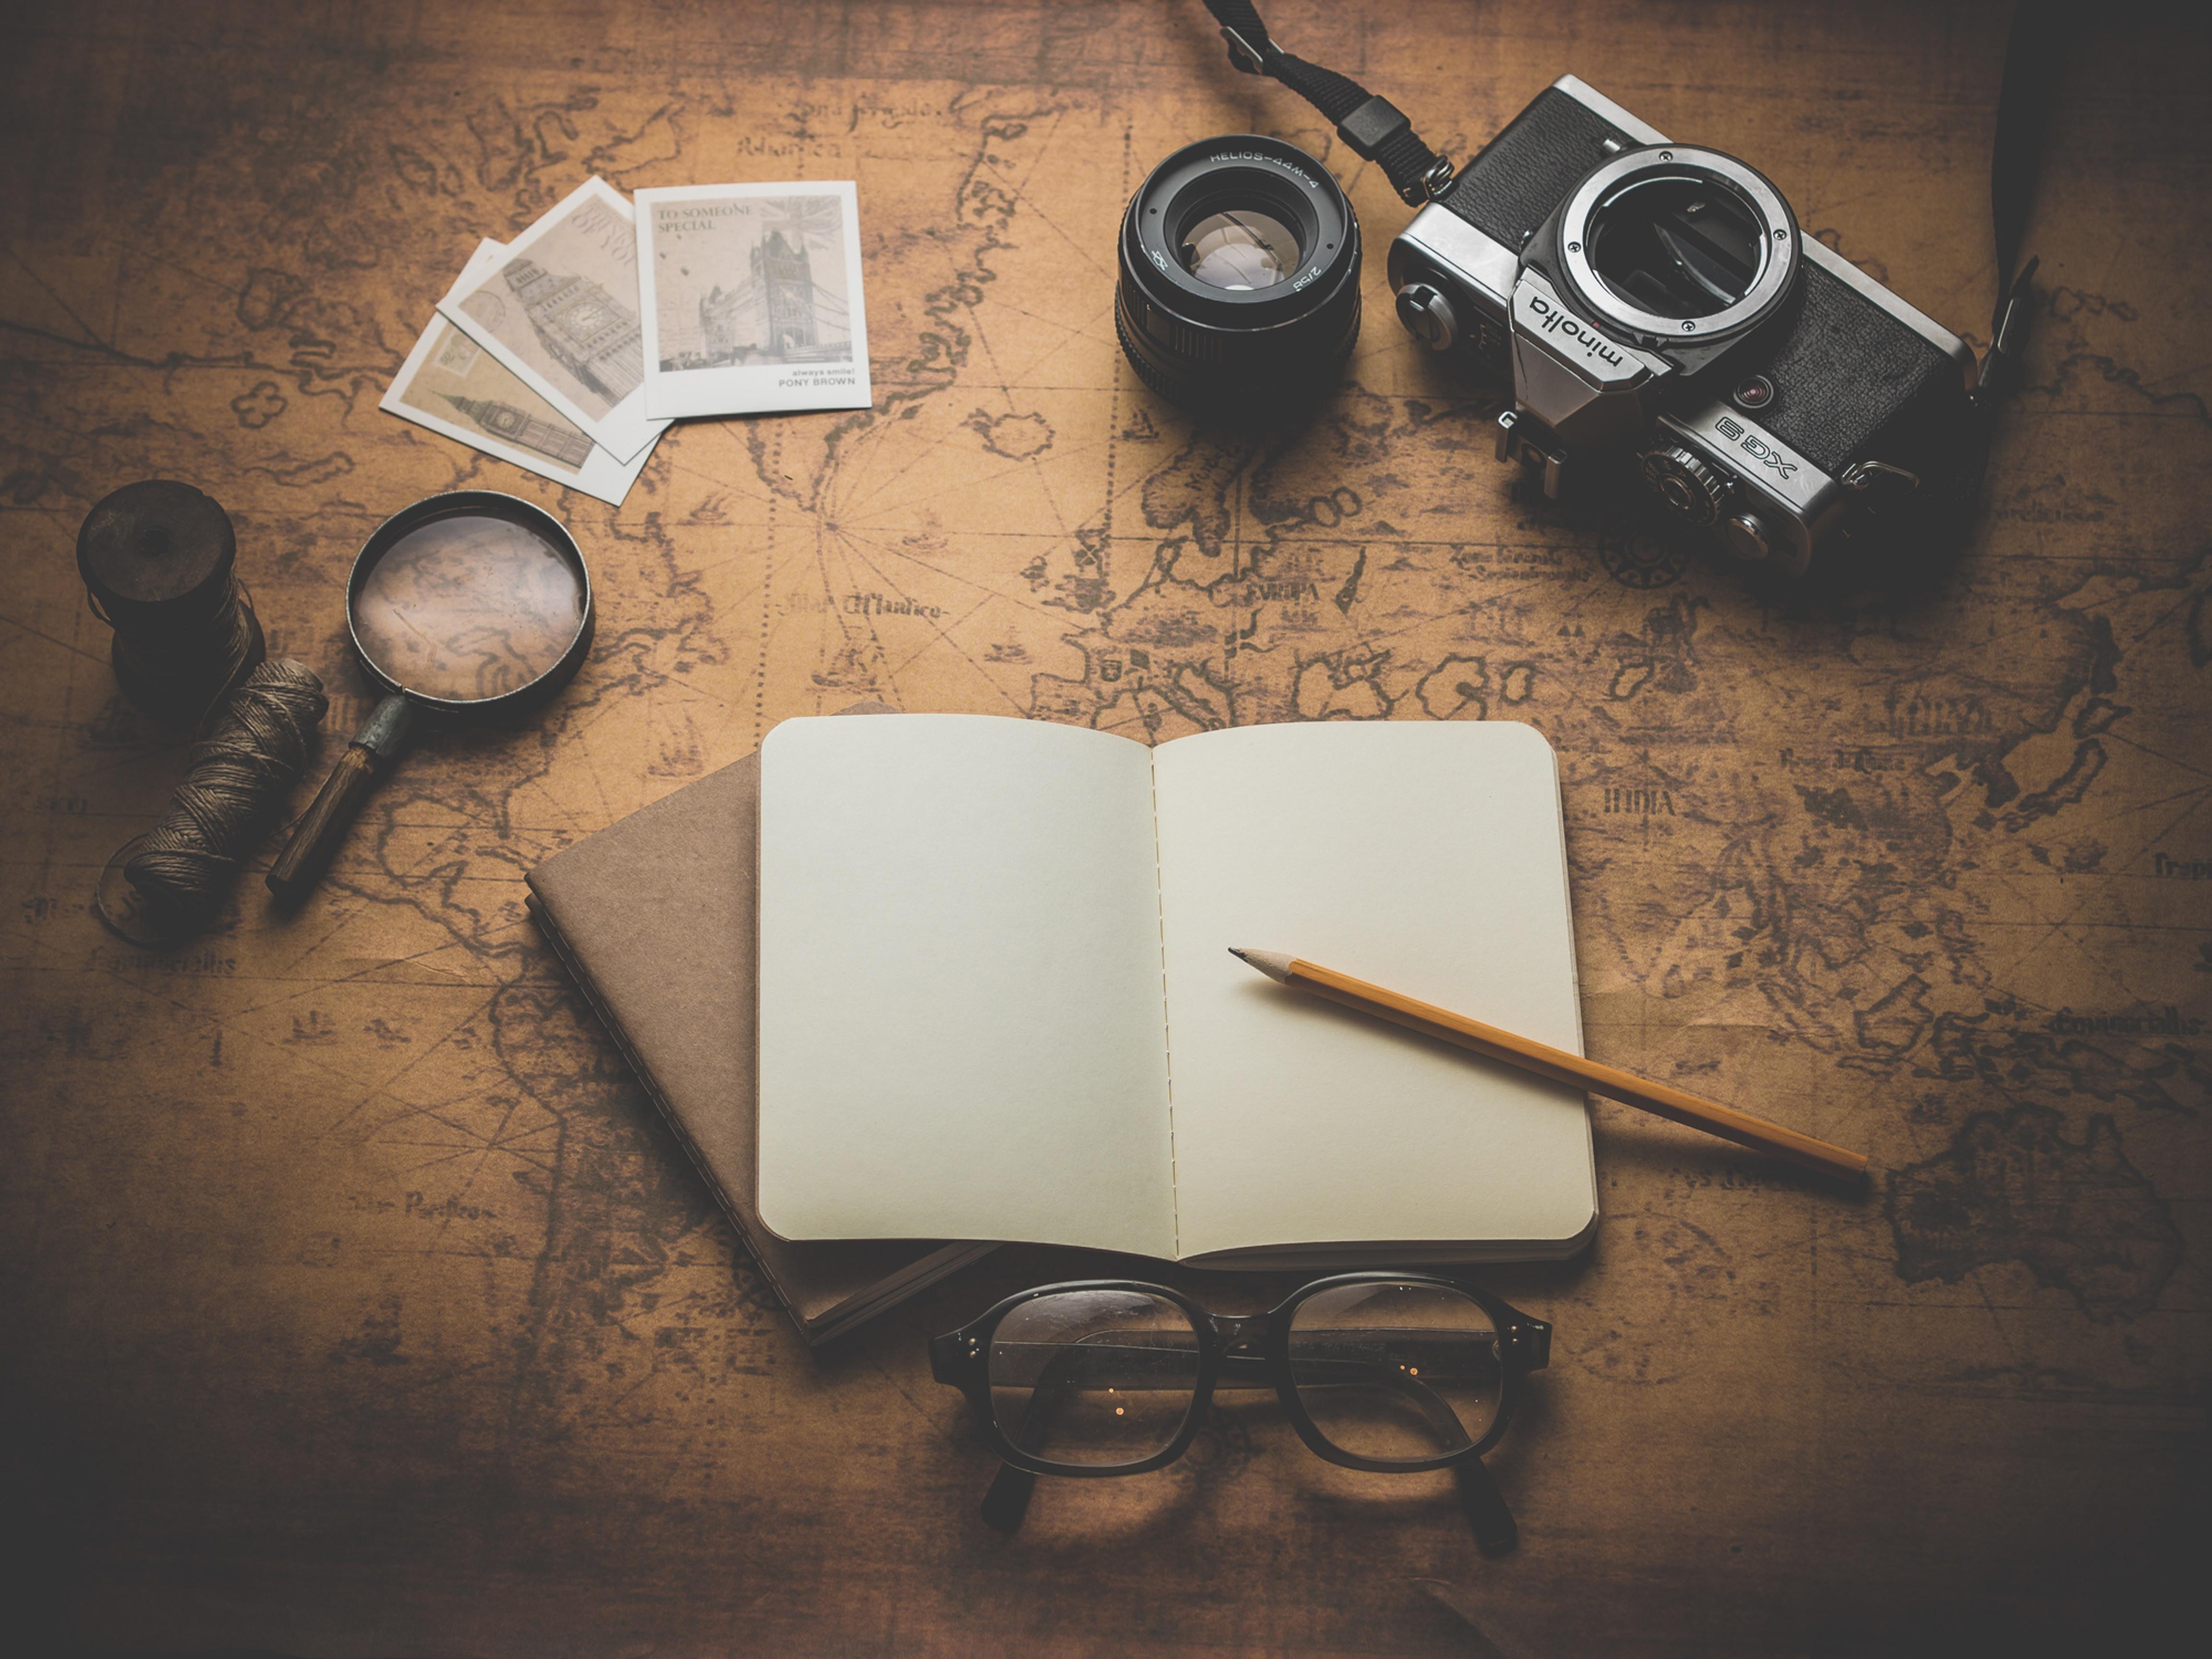 Creative Writing & DM Coaching Duo/Solo